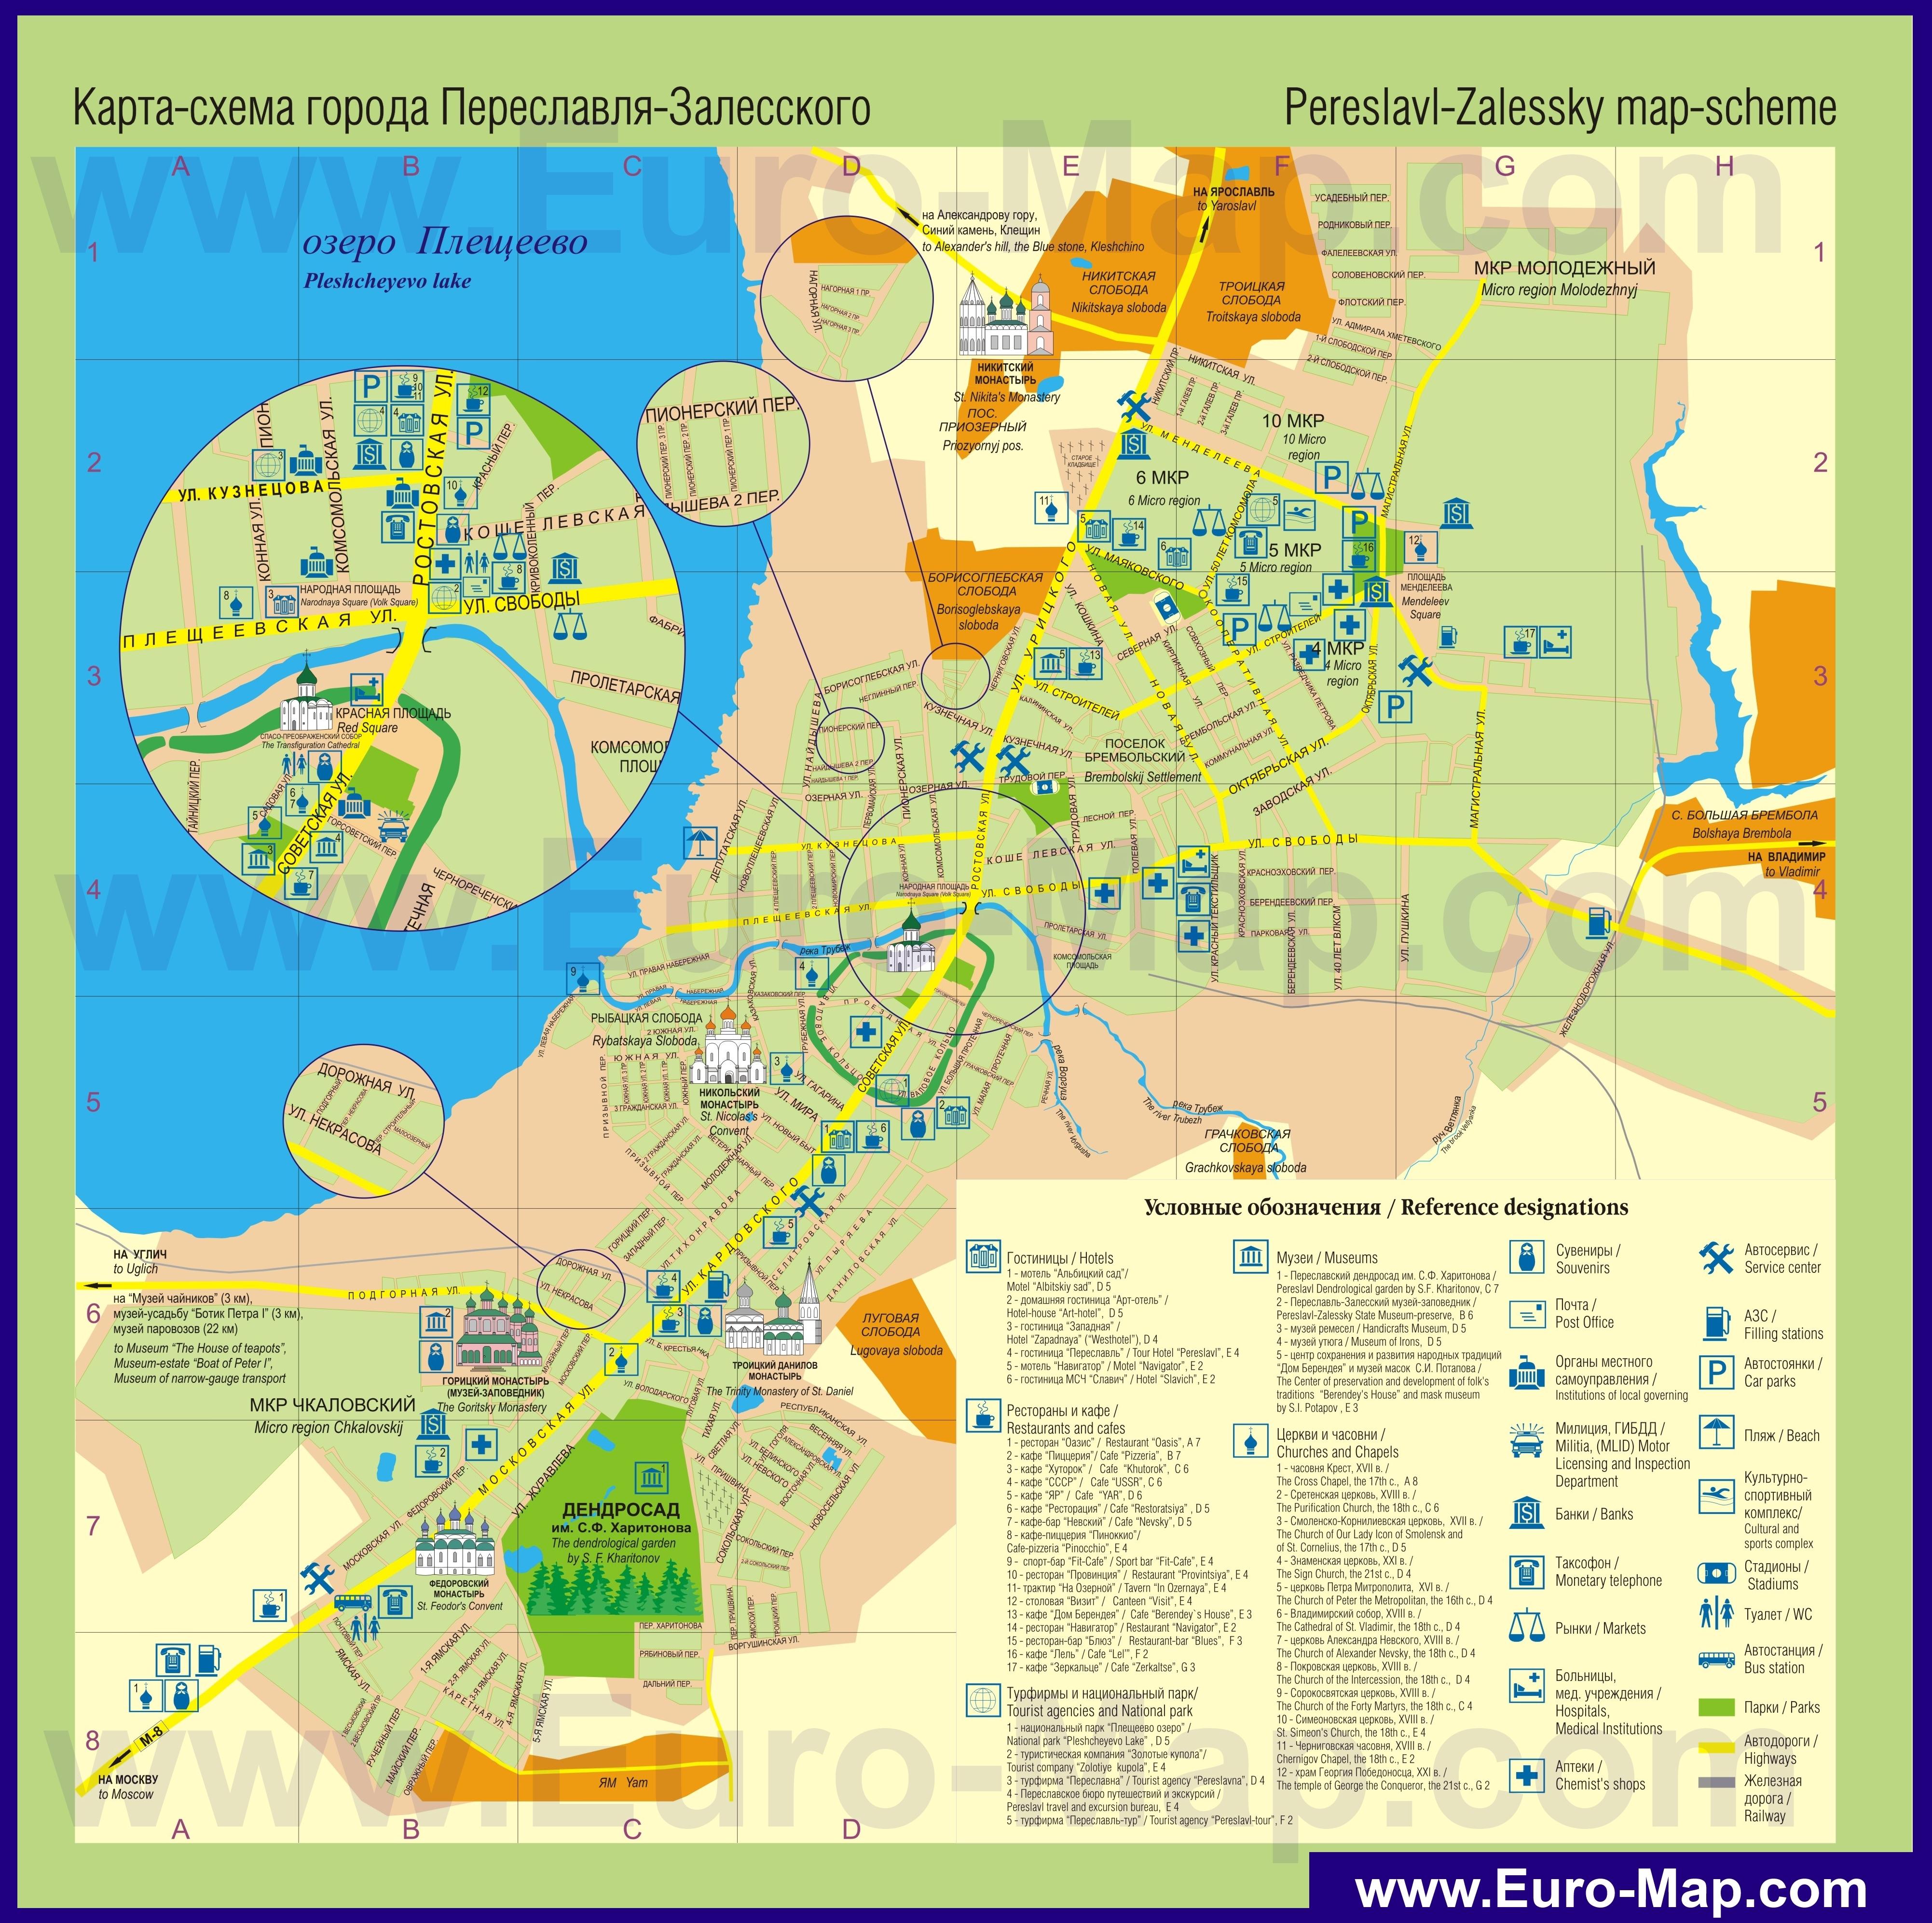 поставил переславль залесский карта картинка населенных пунктов зависит